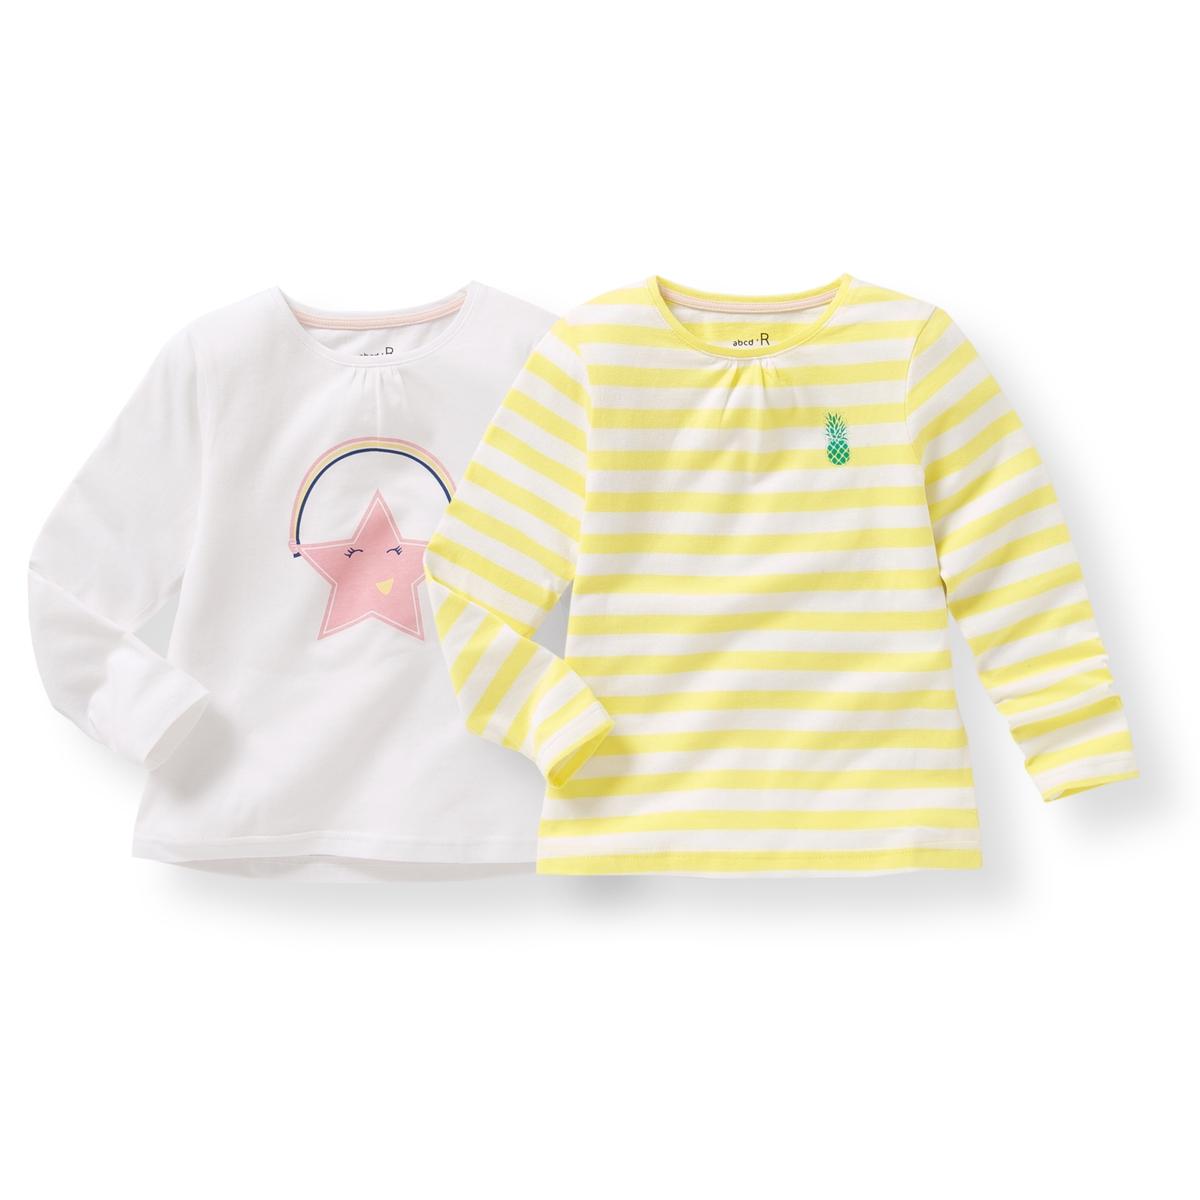 Комплект из 2 футболок с длинными рукавами, 3-12 летОписание:Детали •  Длинные рукава •  Круглый вырез •  Рисунок спередиСостав и уход •  100% хлопок •  Температура стирки 30° •  Сухая чистка и отбеливание запрещены • Барабанная сушка на слабом режиме    •  Низкая температура глажки<br><br>Цвет: белый+желтый<br>Размер: 12 лет -150 см.10 лет - 138 см